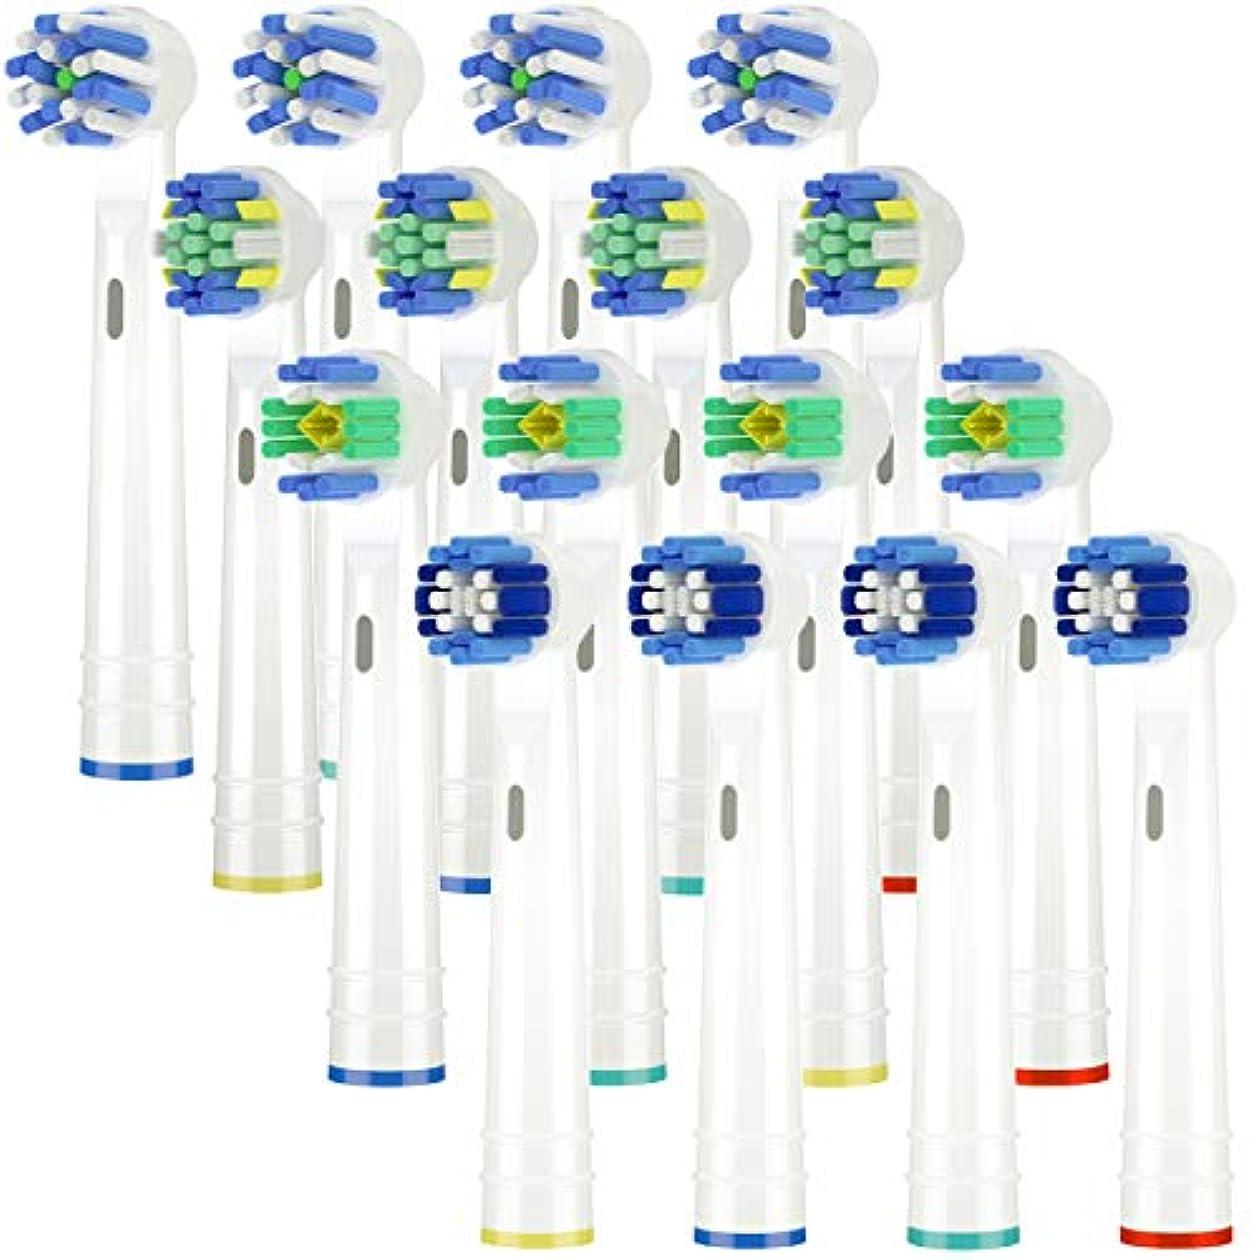 トリプル解決ネブItechnik 電動歯ブラシ 替えブラシ ブラウン オーラルB 対応 替えブラシ 4種類が入り:ホワイトニングブラシ 、ベーシックブラシ、歯間ワイパー付きブラシ、マルチアクションブラシ 凡用な16本